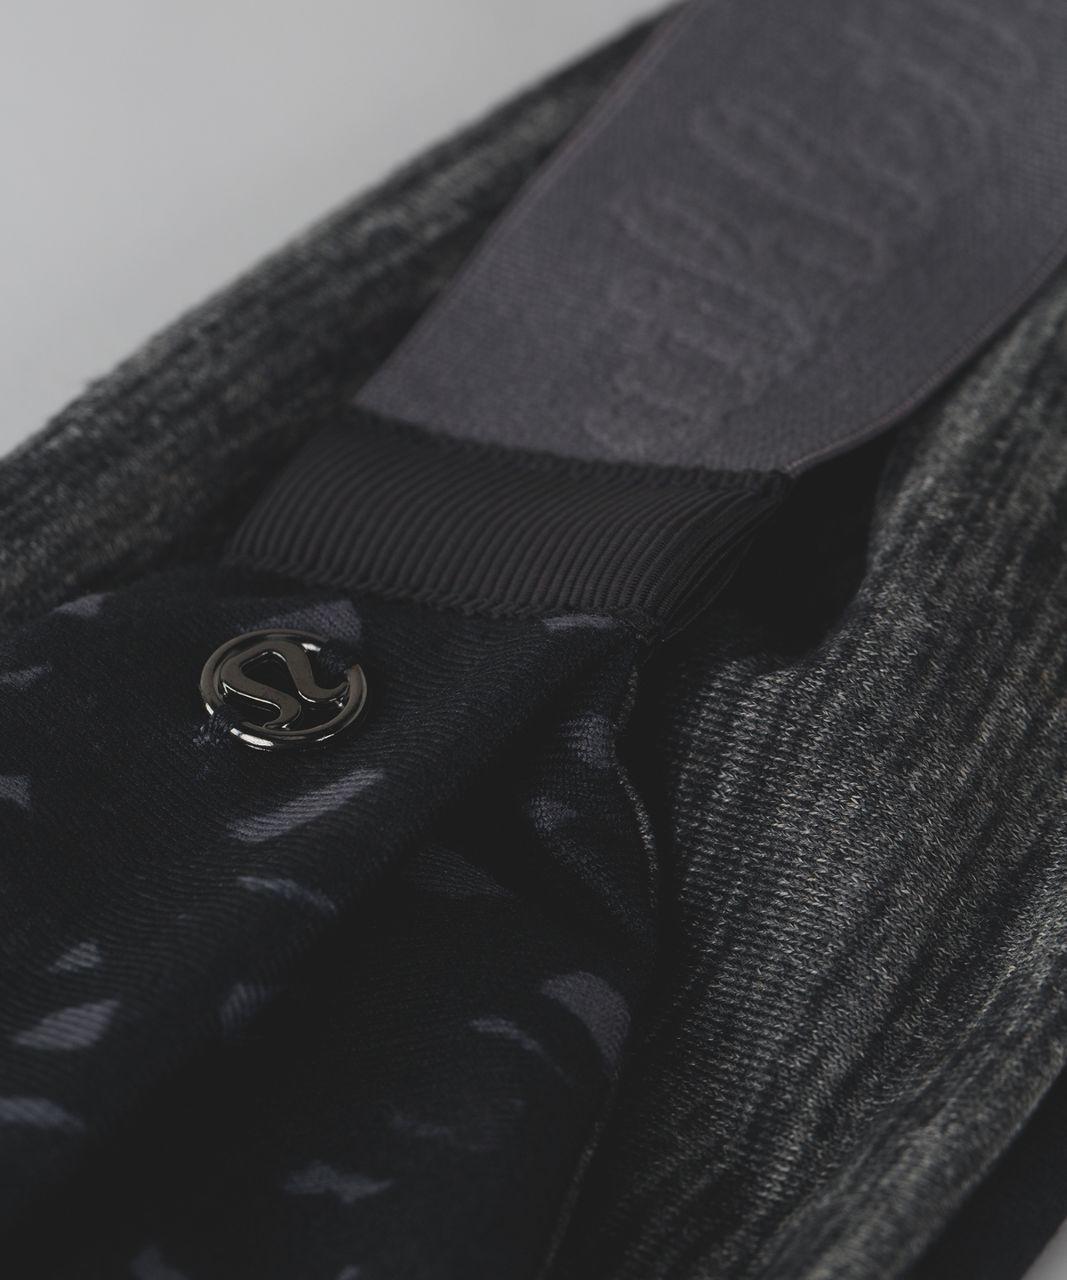 Lululemon Fringe Fighter Headband - Lace Play Dark Slate Black / Heathered Black